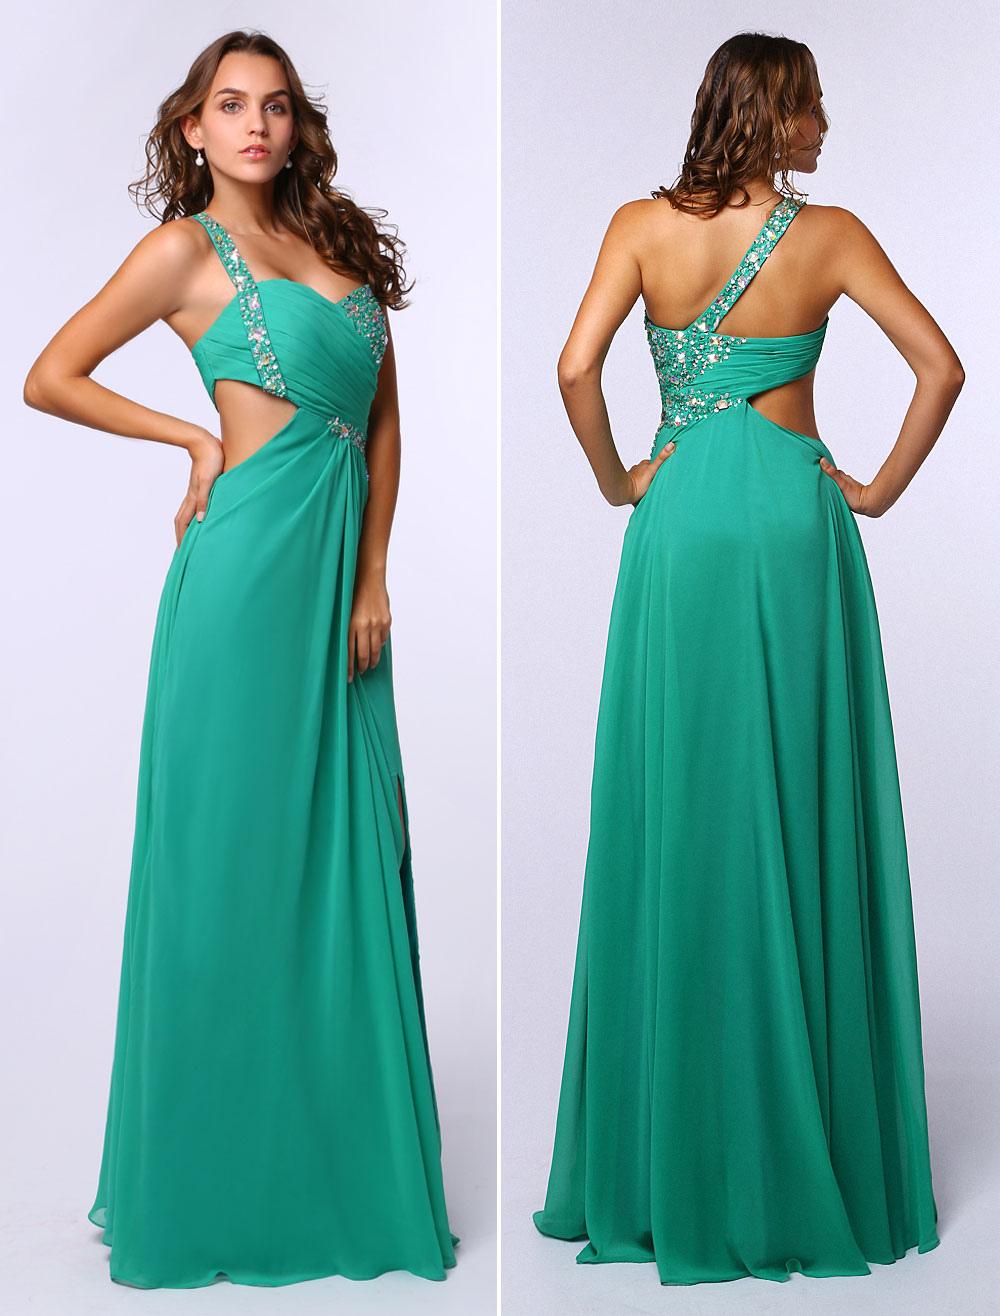 buy popular 42178 e99d3 Abito verde blu cinghie senza maniche in chiffon partito A linea monospalla